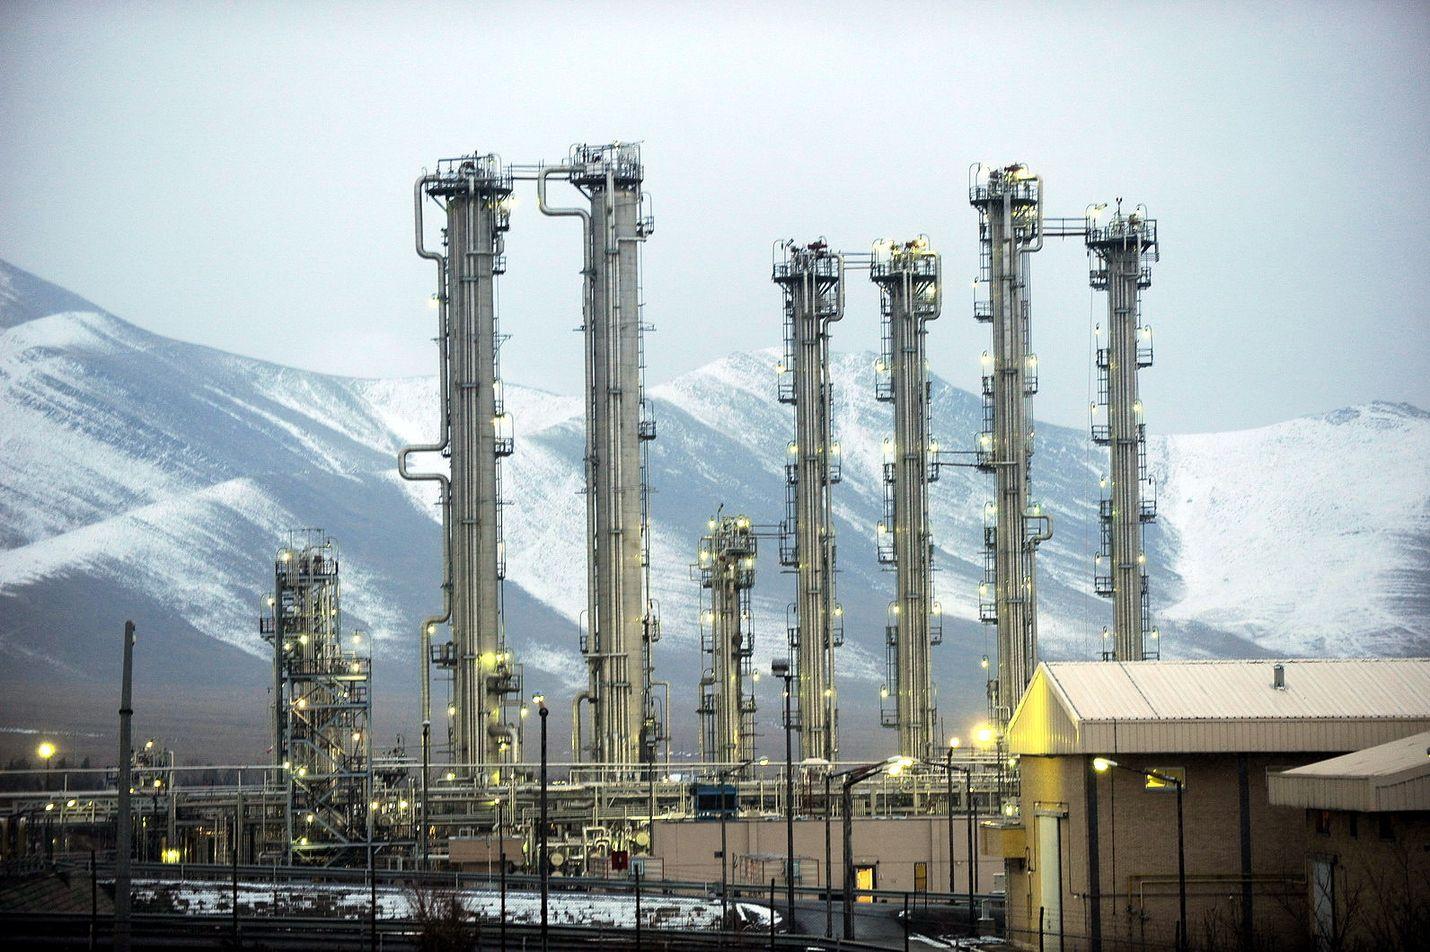 Iran uhkaa rikastaa uraania runsaasti yli ydinsopimuksessa sallittujen rajojen, jos sopimuksen allekirjoittajamaat eivät löysää talouspakotteita kahden kuukauden kuluessa. Arkistokuva: Arakin raskasvesireaktori.